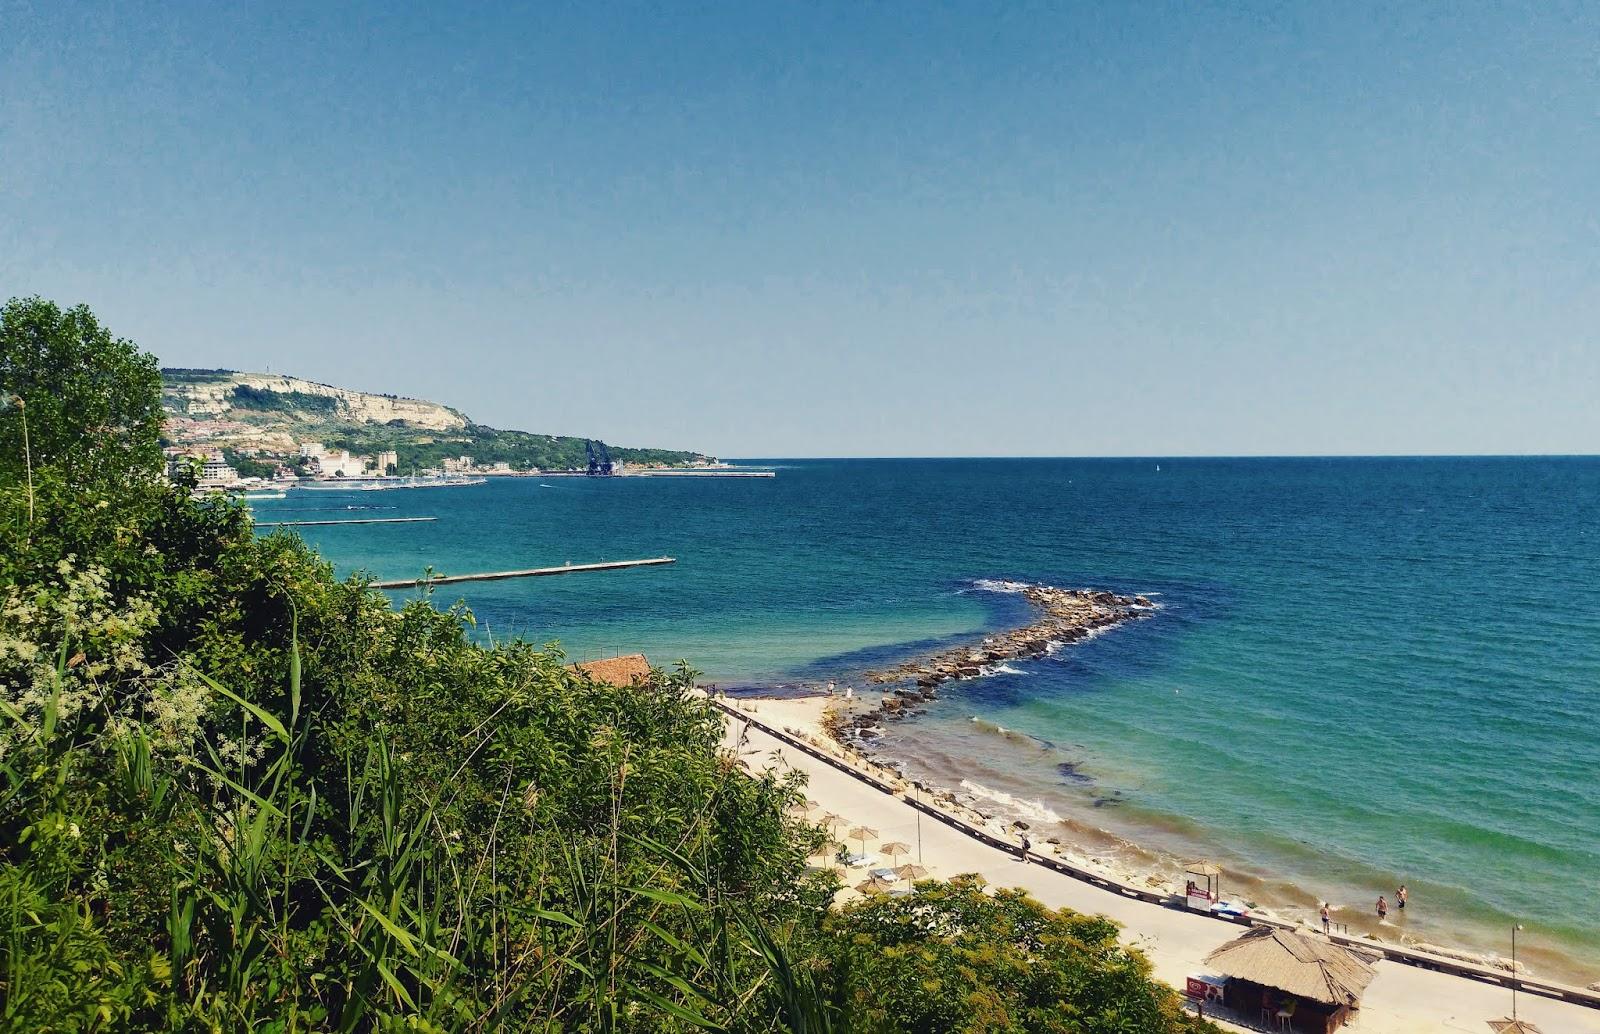 widok na Morze Czarne z ogrodu botanicznego  w Bałcziku